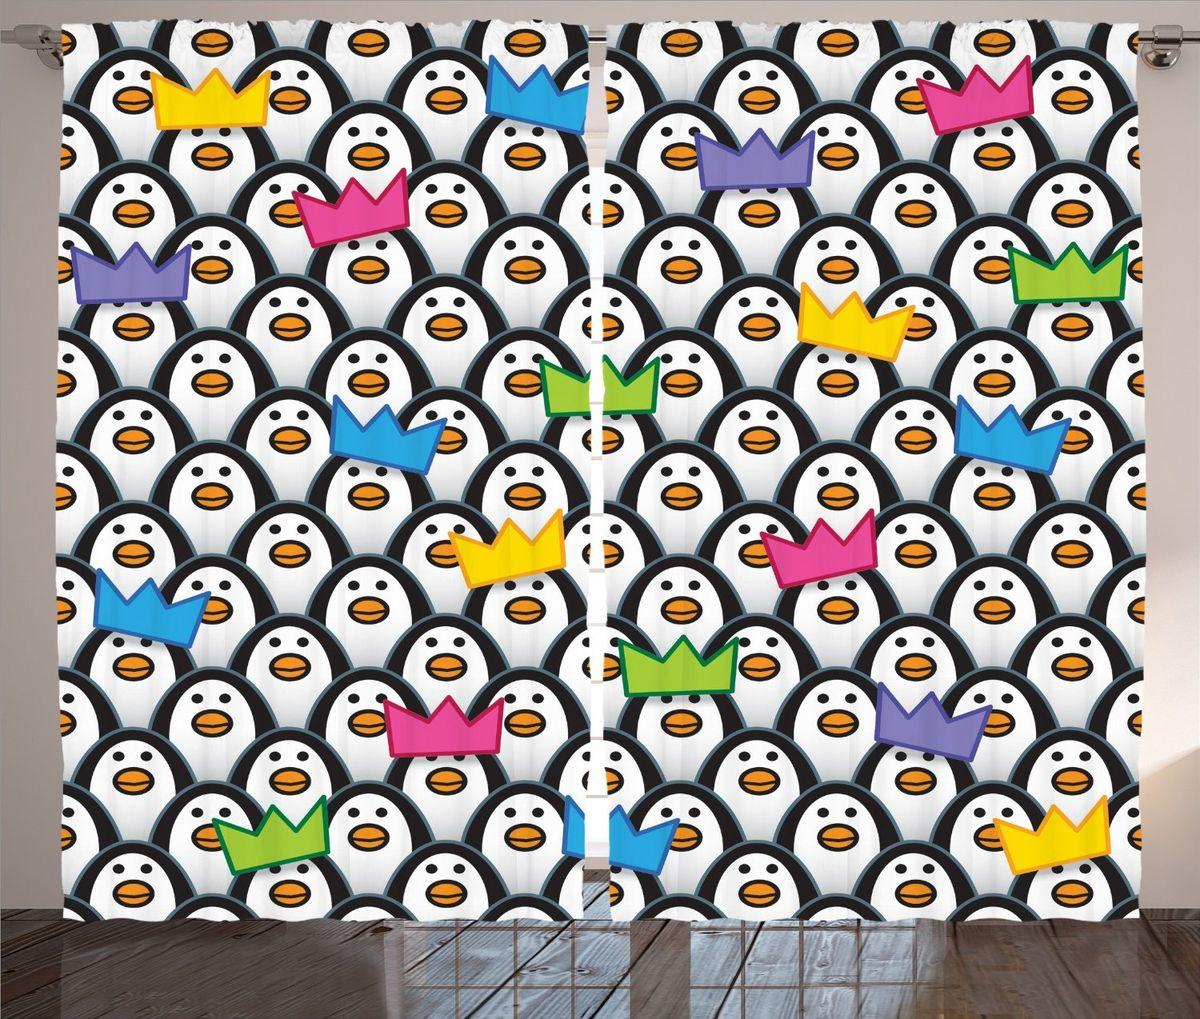 Комплект фотоштор Magic Lady Императорские пингвины, на ленте, высота 265 смшсг_11864Фотошторы Magic Lady Императорские пингвины, изготовленные из высококачественного сатена (полиэстер 100%), отлично дополнят любой интерьер. При изготовлении используются специальные гипоаллергенные чернила для прямой печати по ткани, безопасные для человека и животных. Крепление на карниз при помощи шторной ленты на крючки.В комплекте 2 шторы, 50 крючков. Ширина одного полотна: 145 см.Высота штор: 265 см.Изображение на мониторе может немного отличаться от реального.